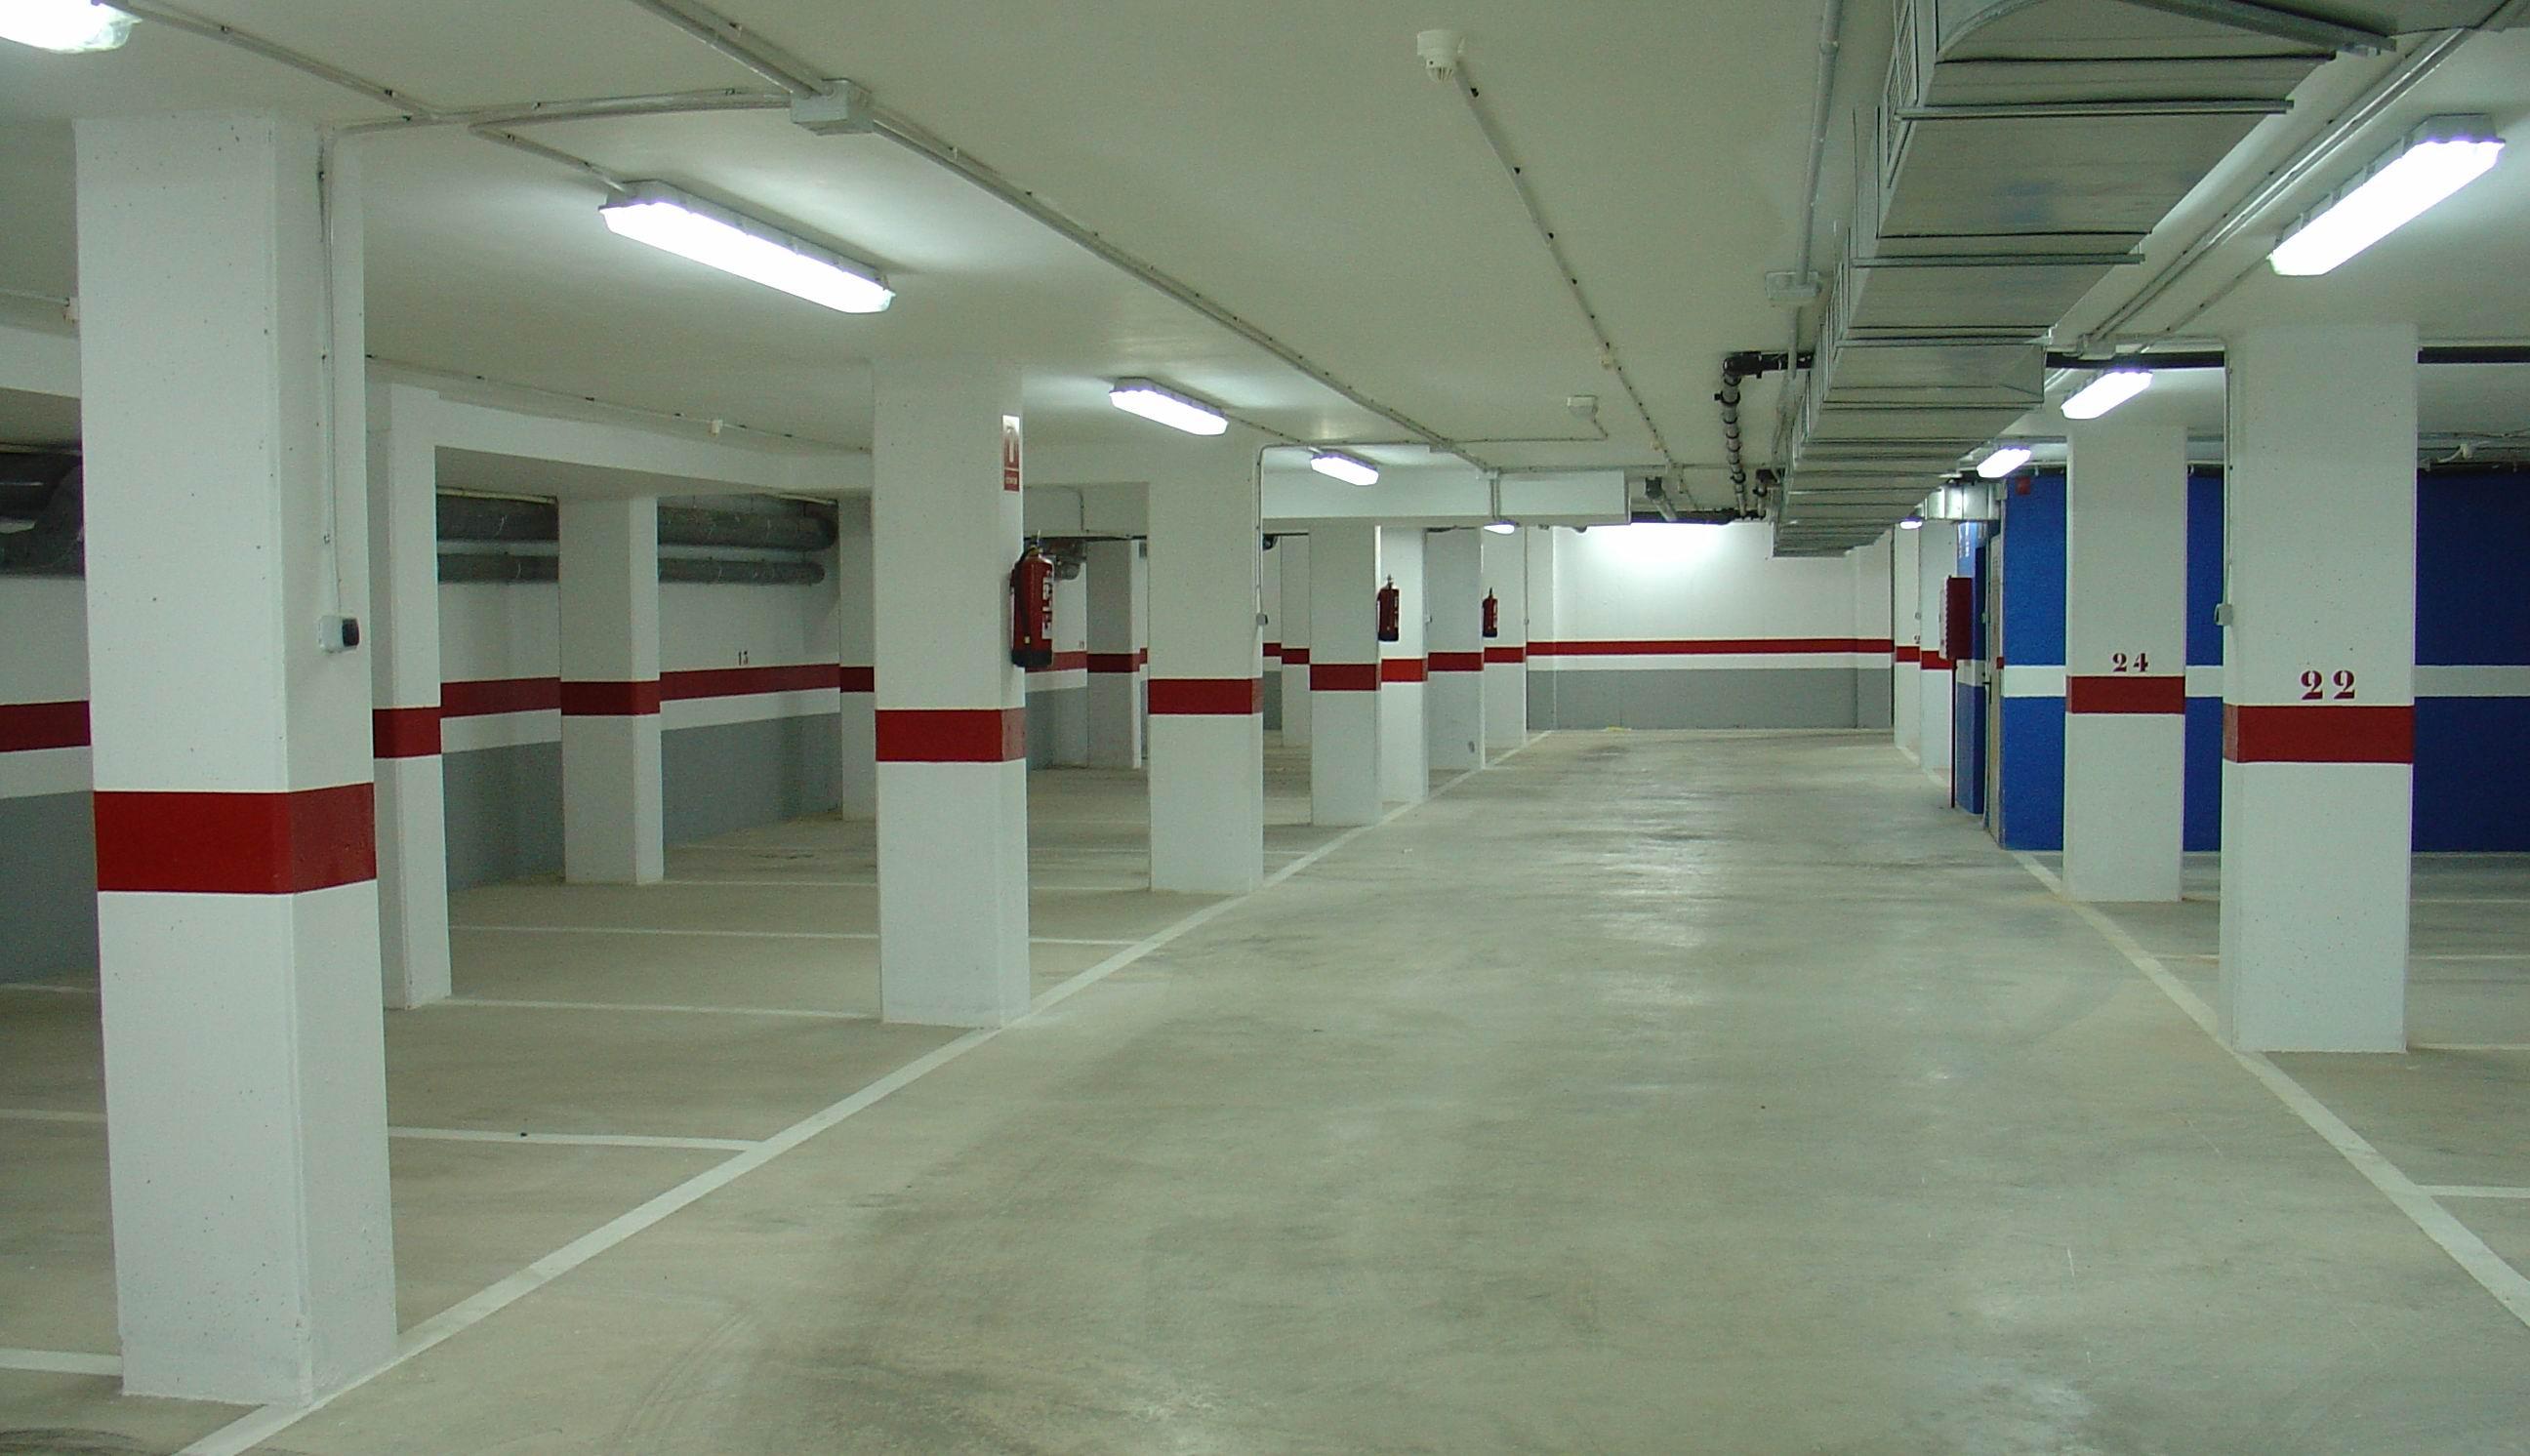 Getafe la emsv saca una oferta de venta de 83 plazas de garaje en el bercial y el casar - Venta de plazas de garaje ...